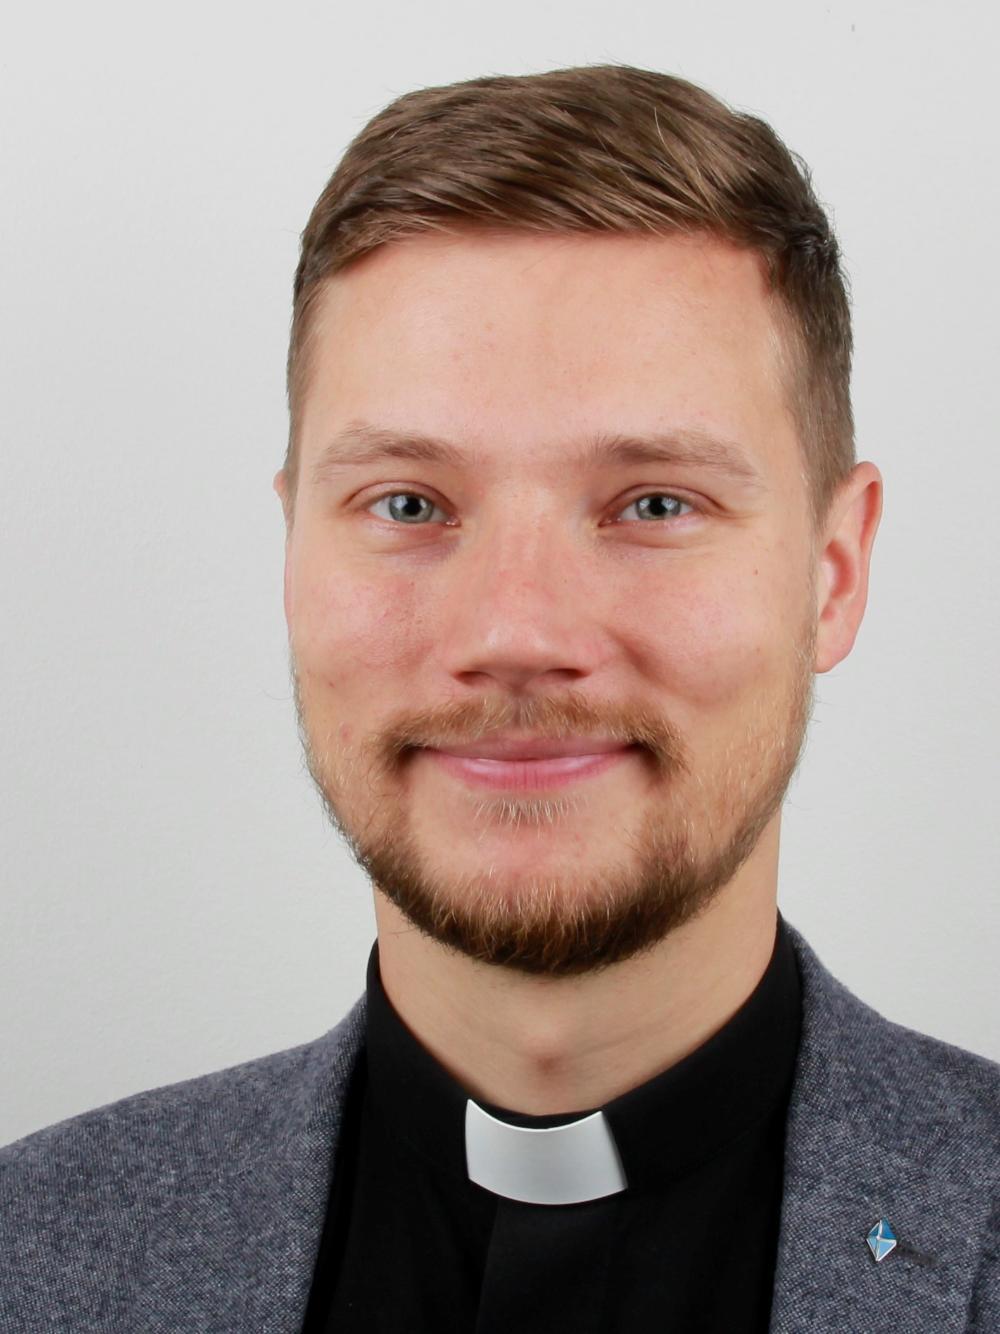 Kristian Willis